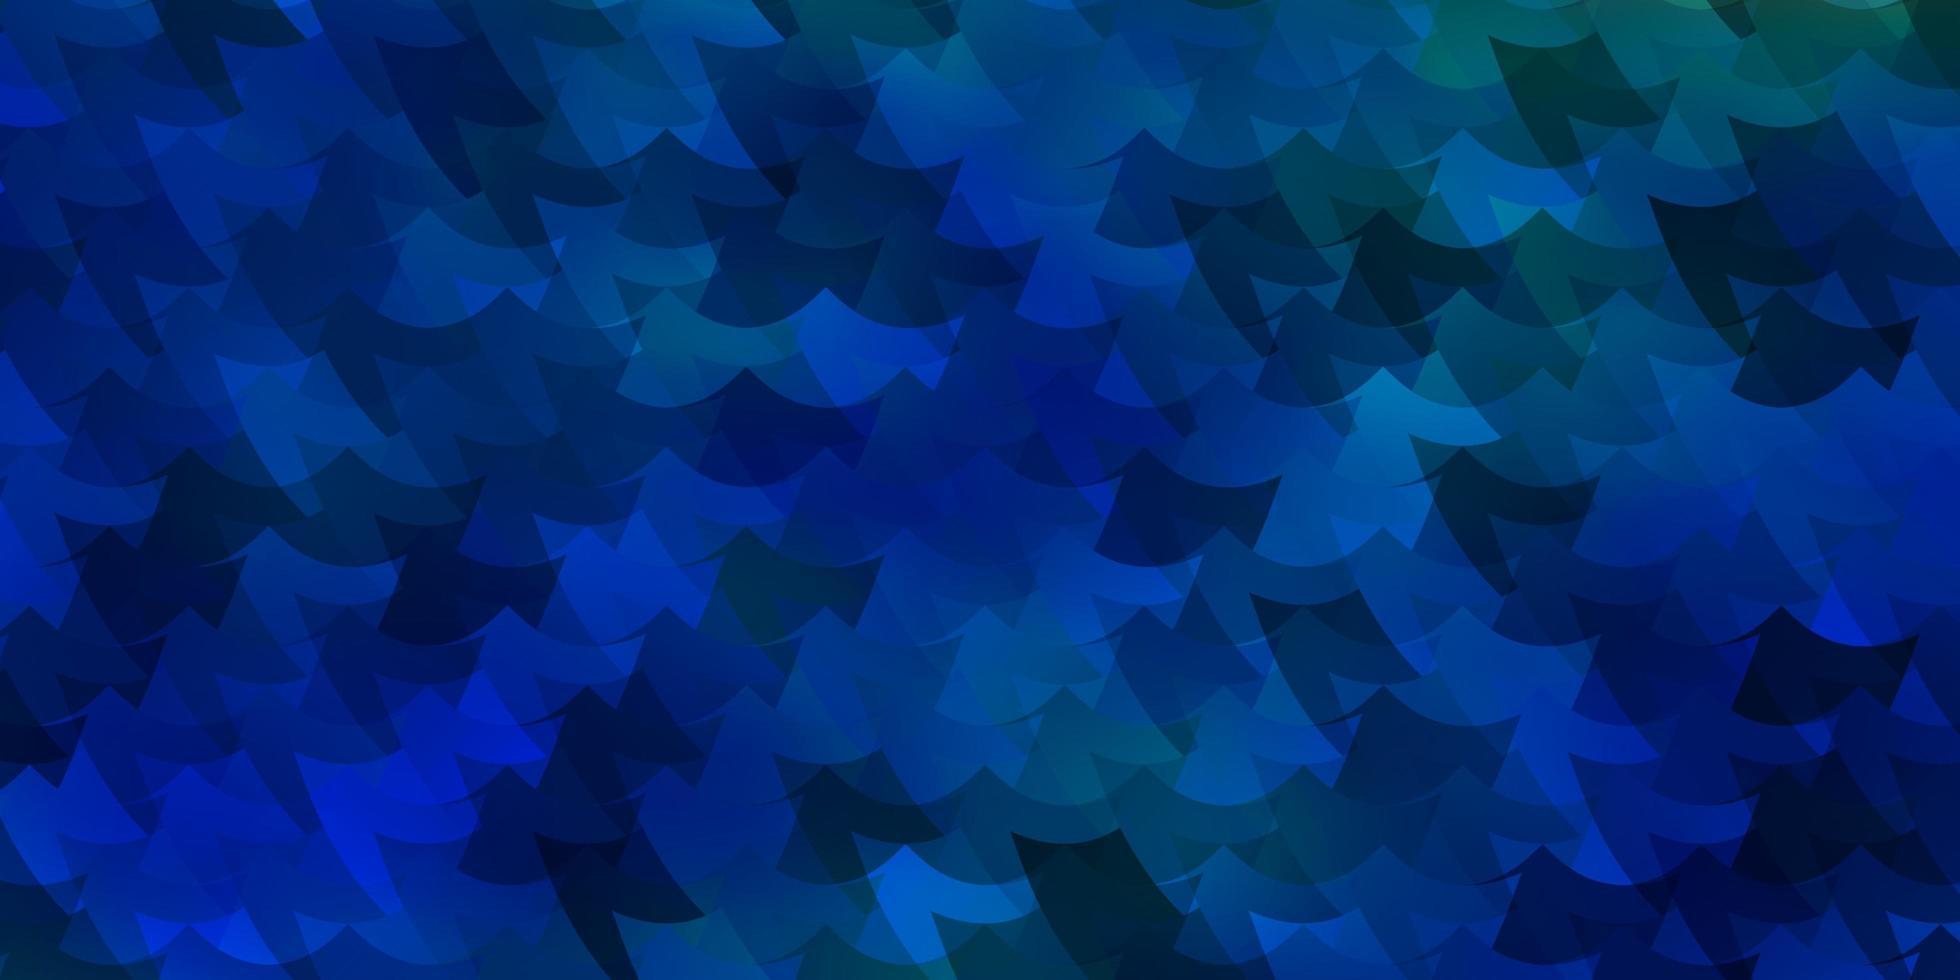 blå bakgrund med rektanglar. vektor